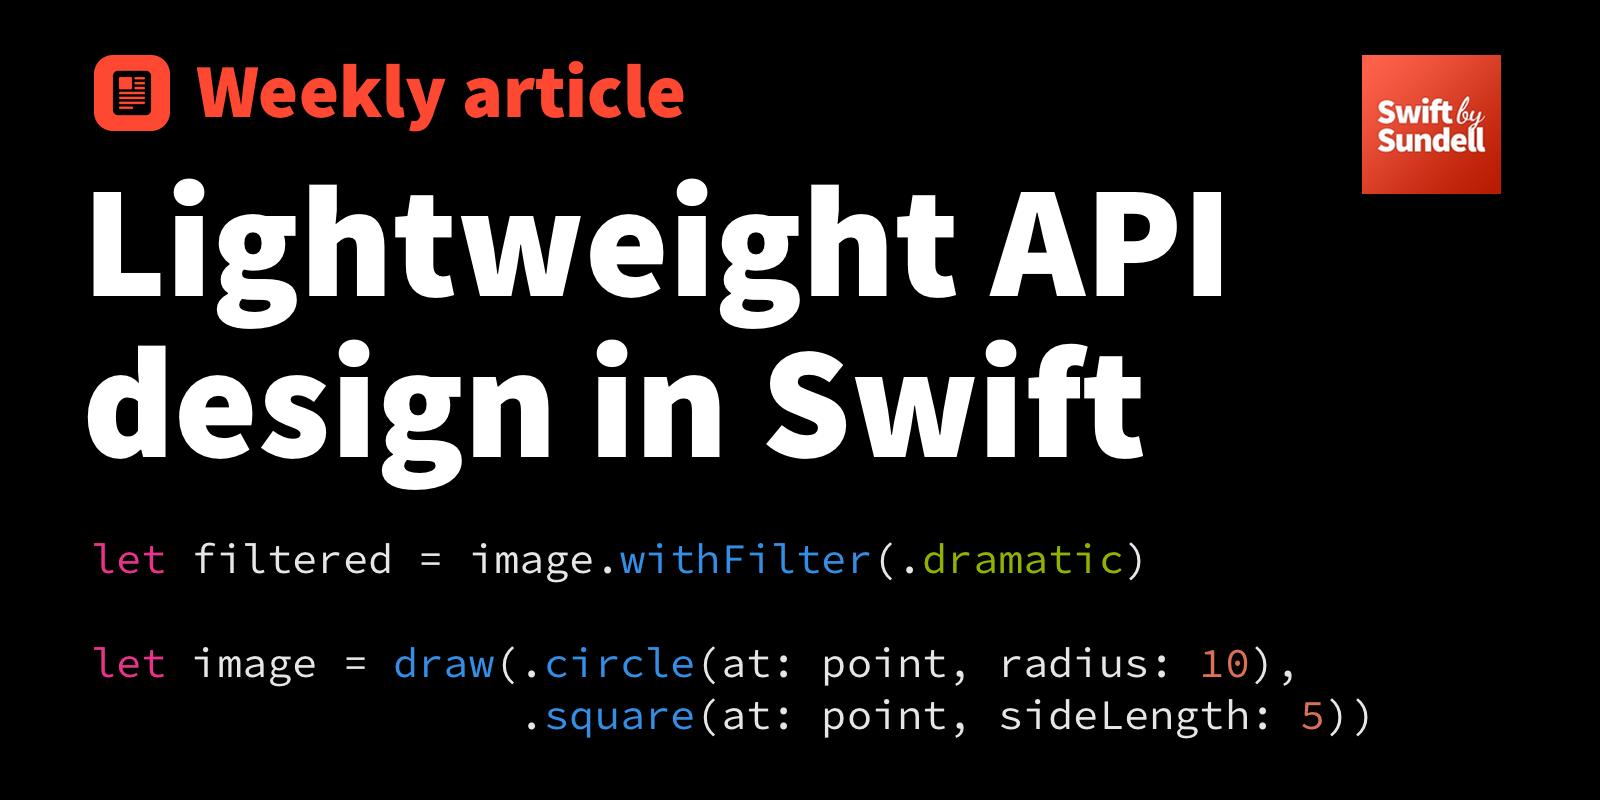 Lightweight API design in Swift | Swift by Sundell